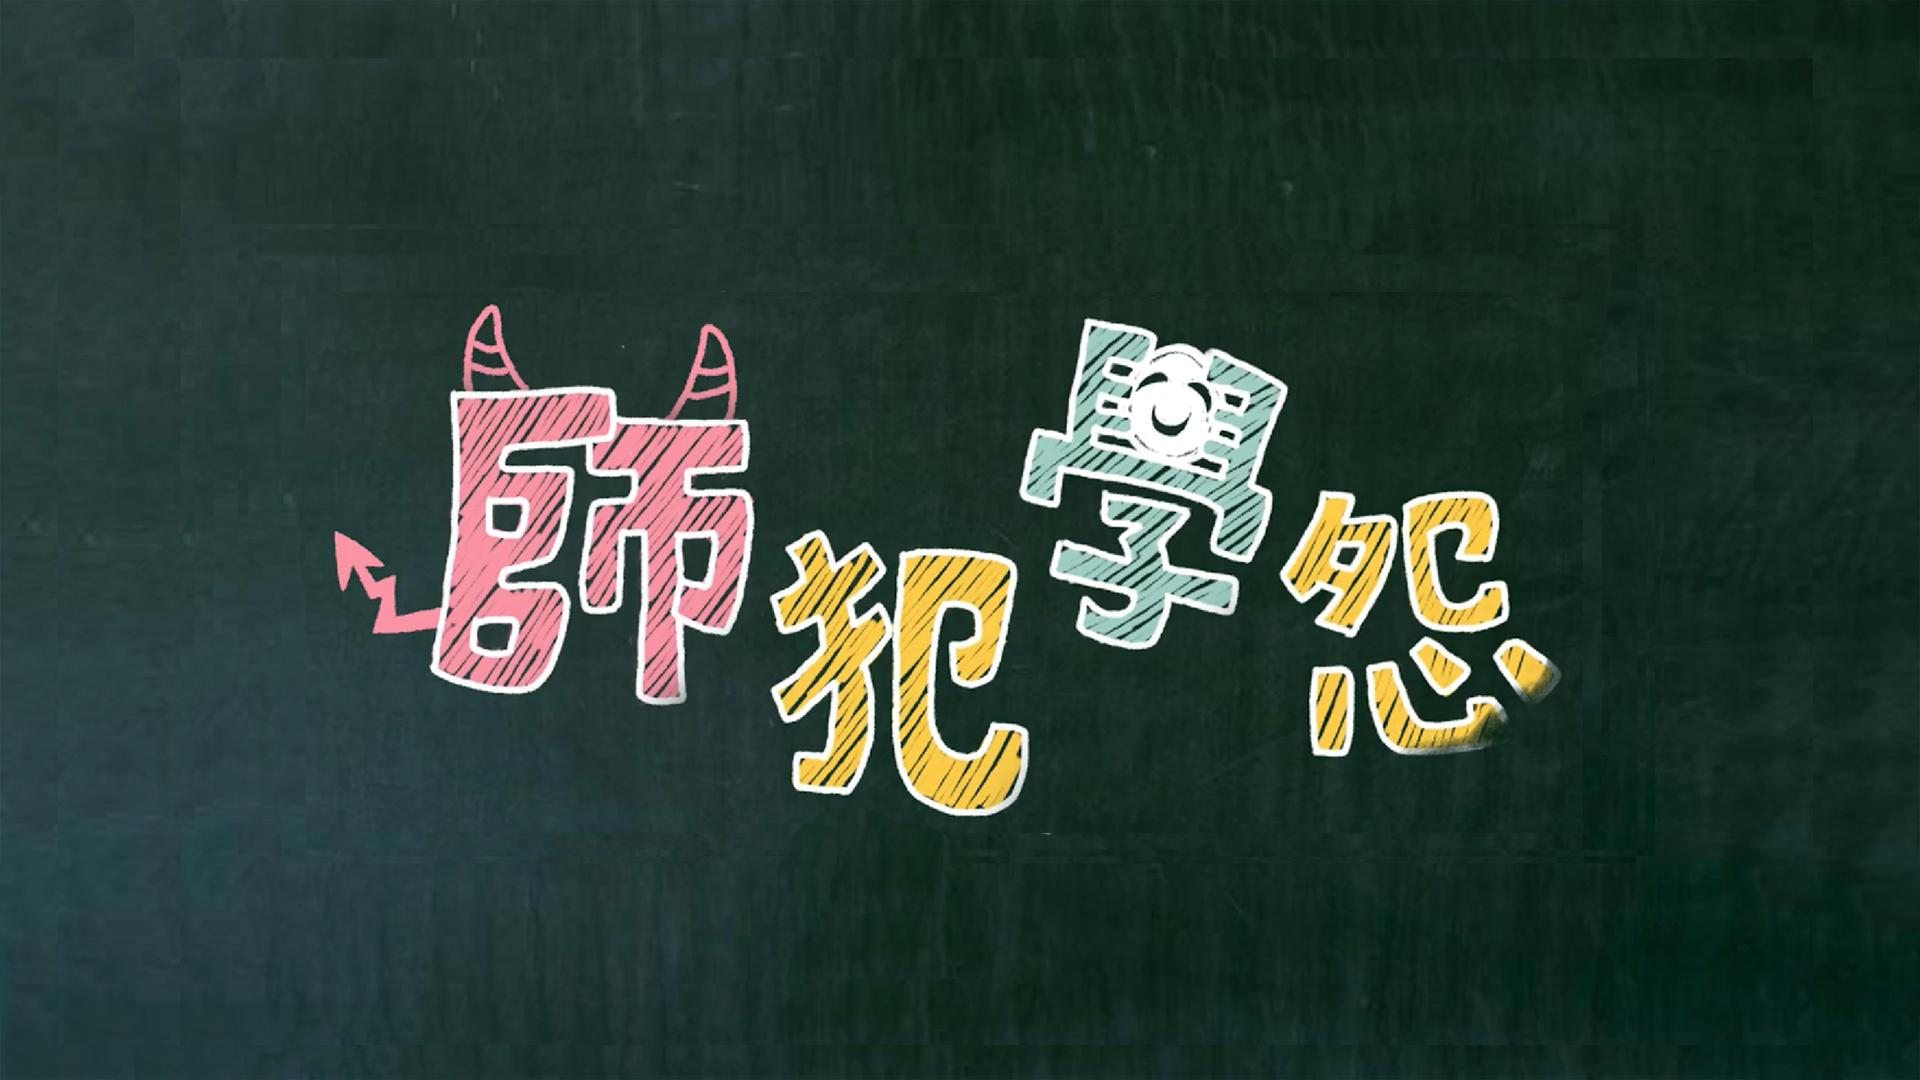 【競賽入圍】入圍2018放視大賞 2D動畫創作組 呂語蘋、李佳燕、王意婷